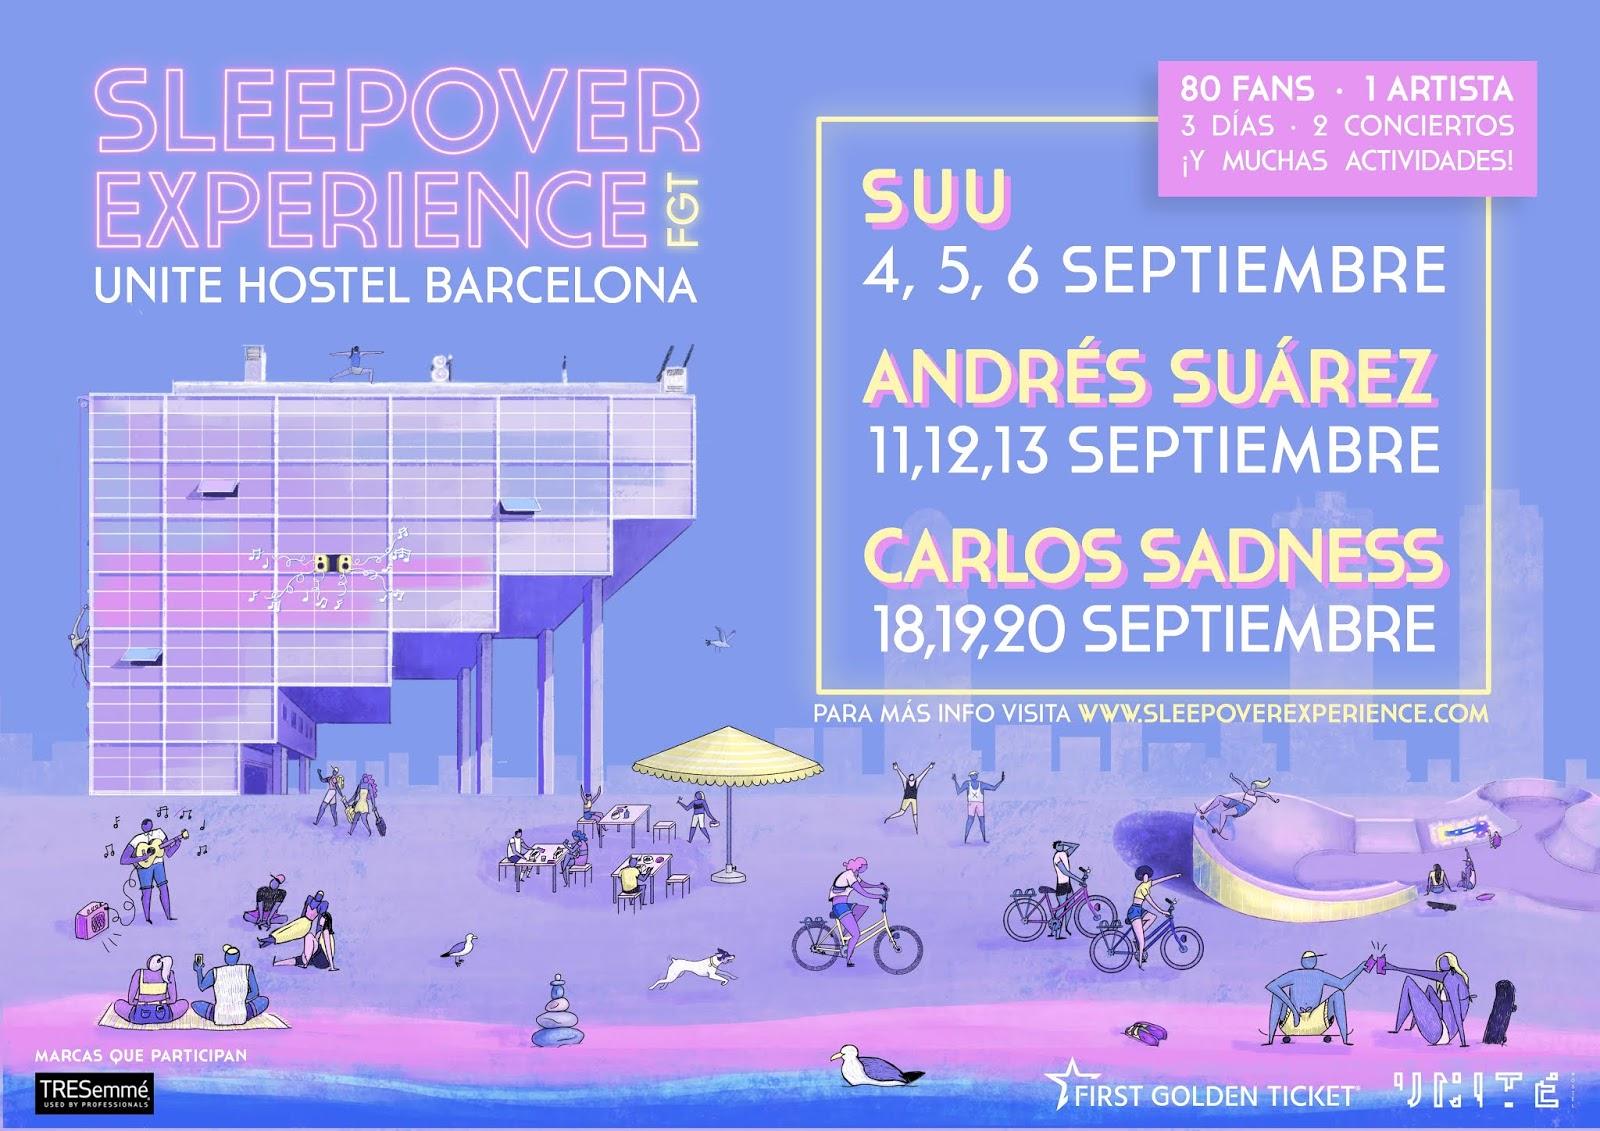 Carlos Sadness, Andrés Suárez y Suu pasarán fines de semana con 80 fans en un hotel de Barcelona